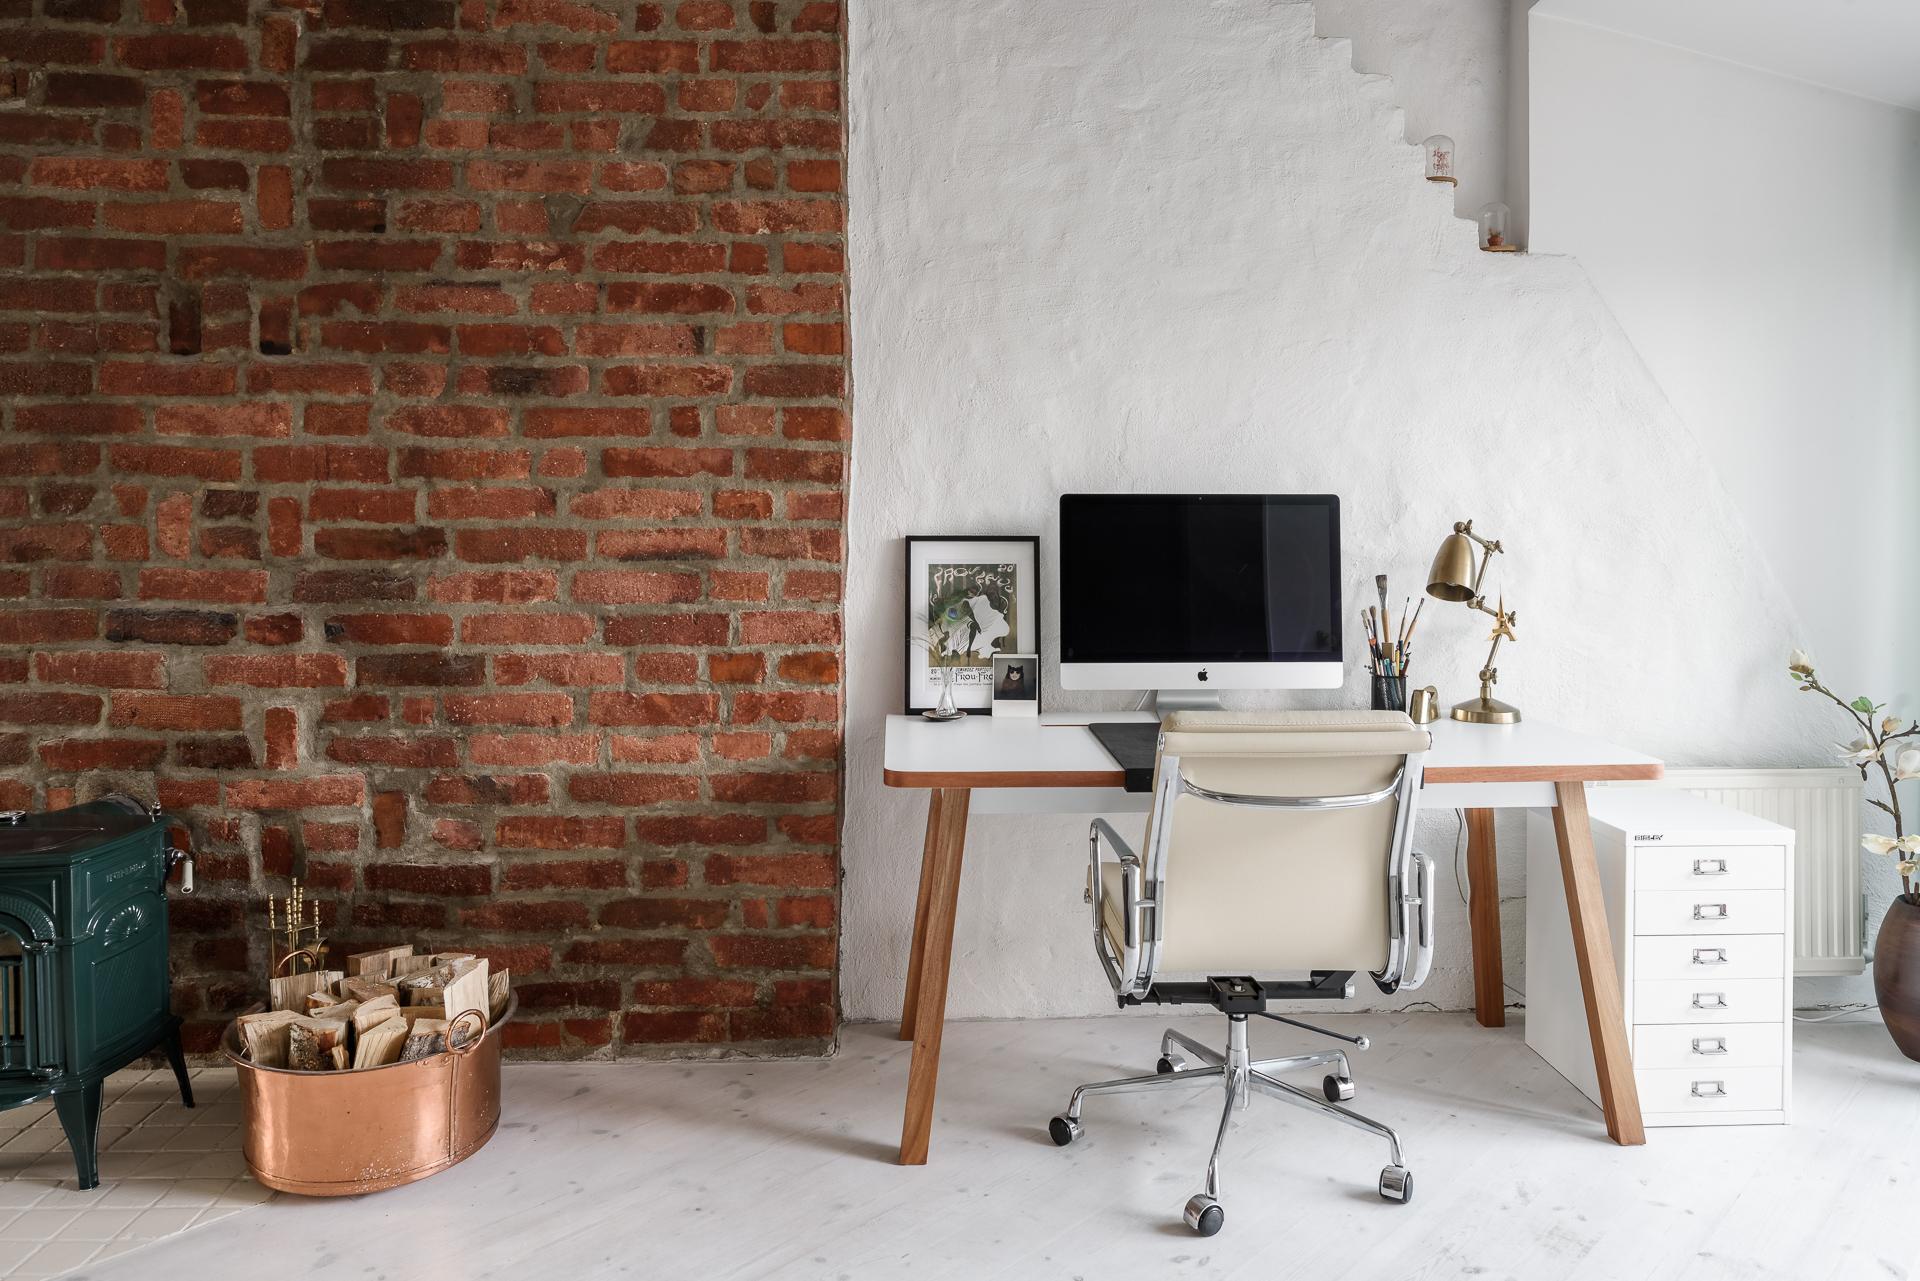 мансарда кирпичная кладка рабочее место стол кресло